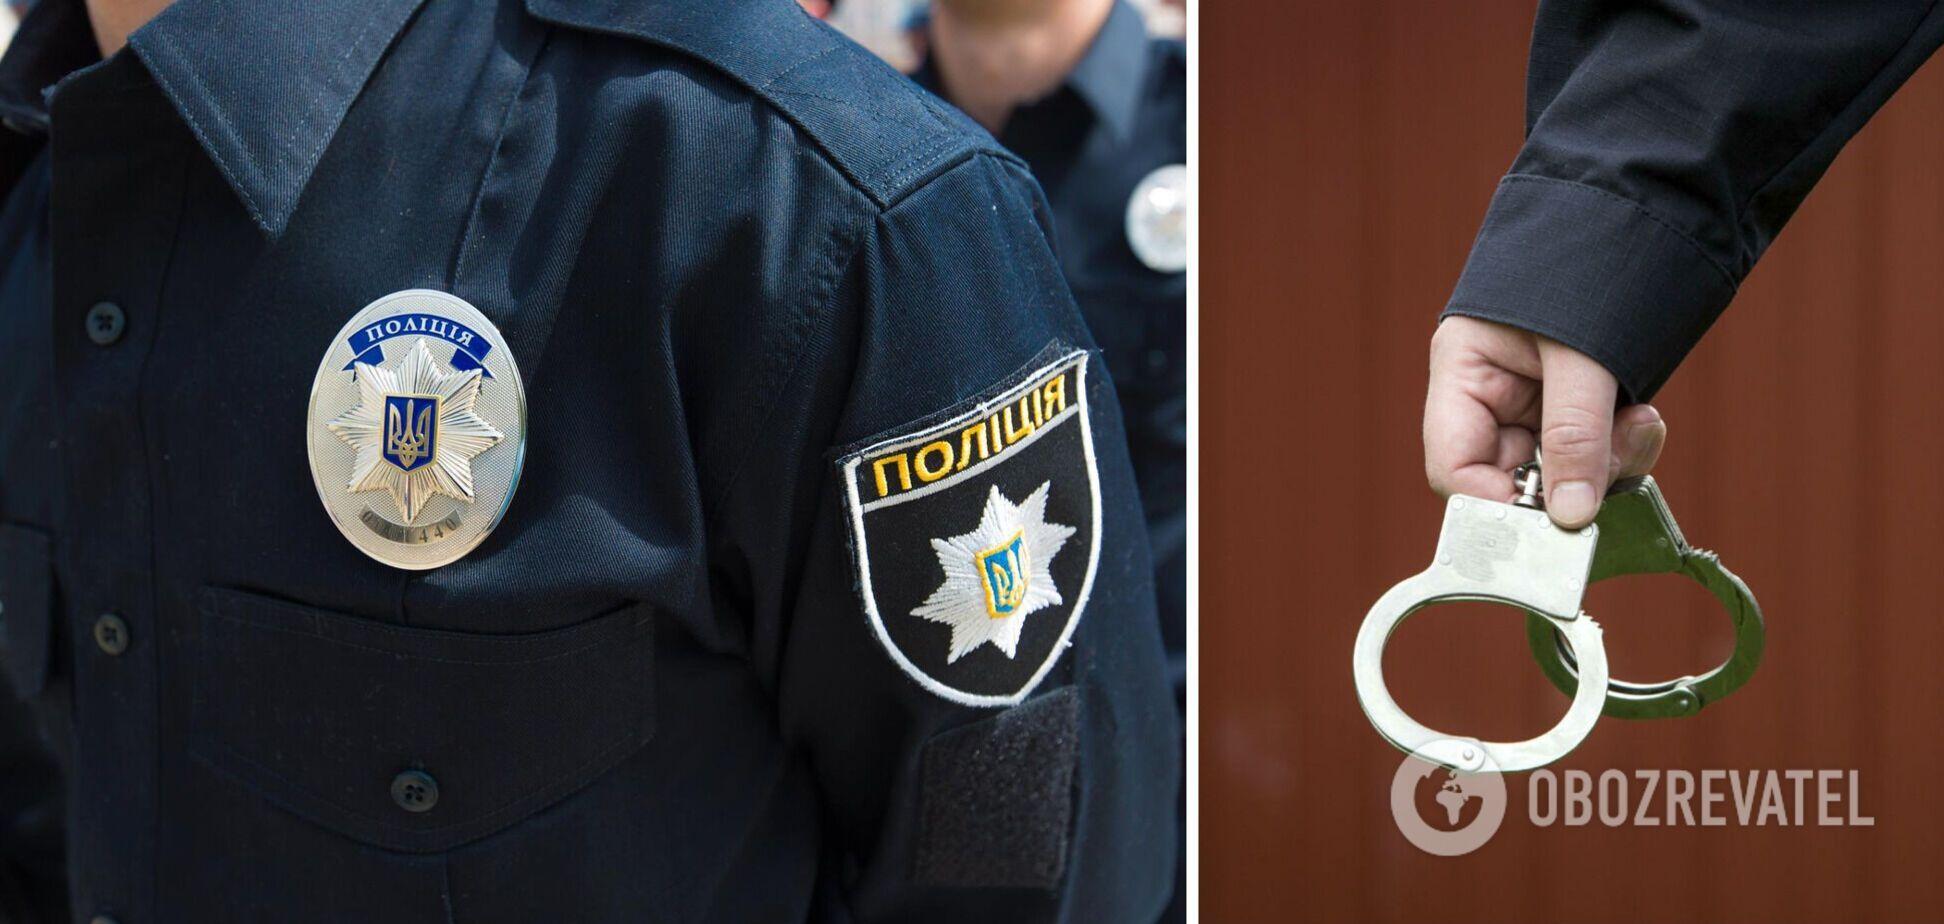 В Украине впервые за год раскрыли 45% тяжких преступлений – глава Нацполиции